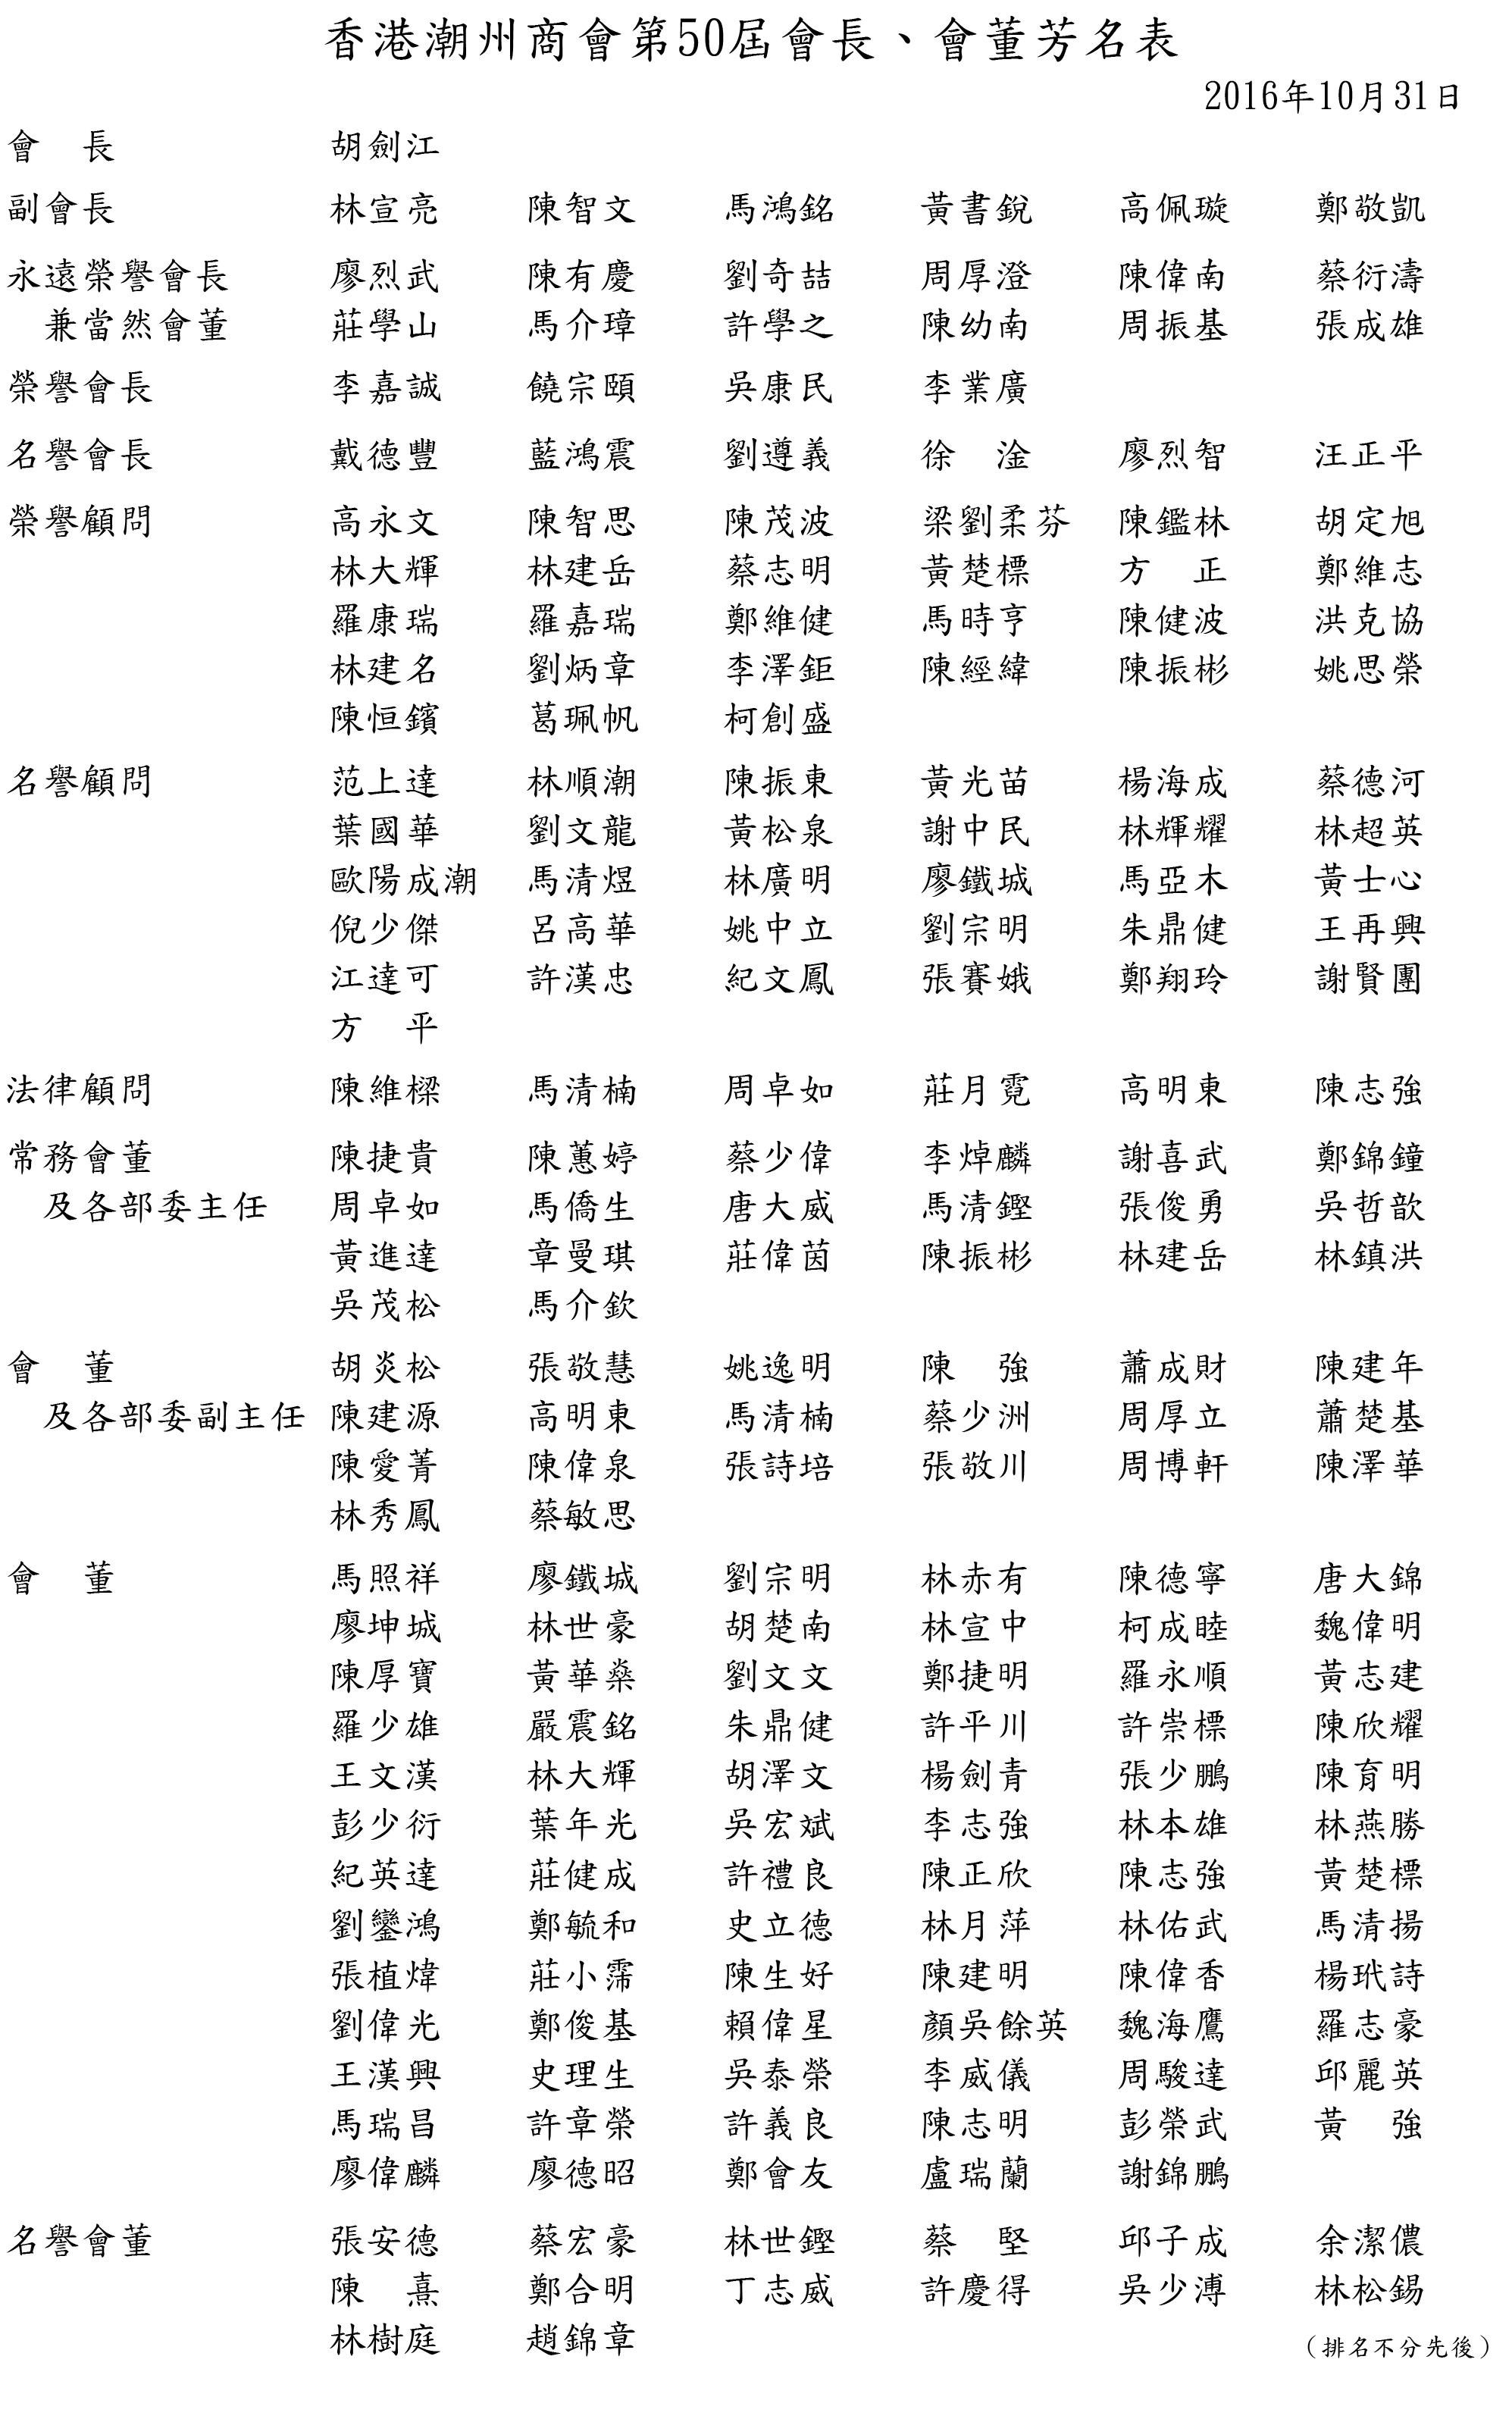 香港潮州商會第四十一屆會董會